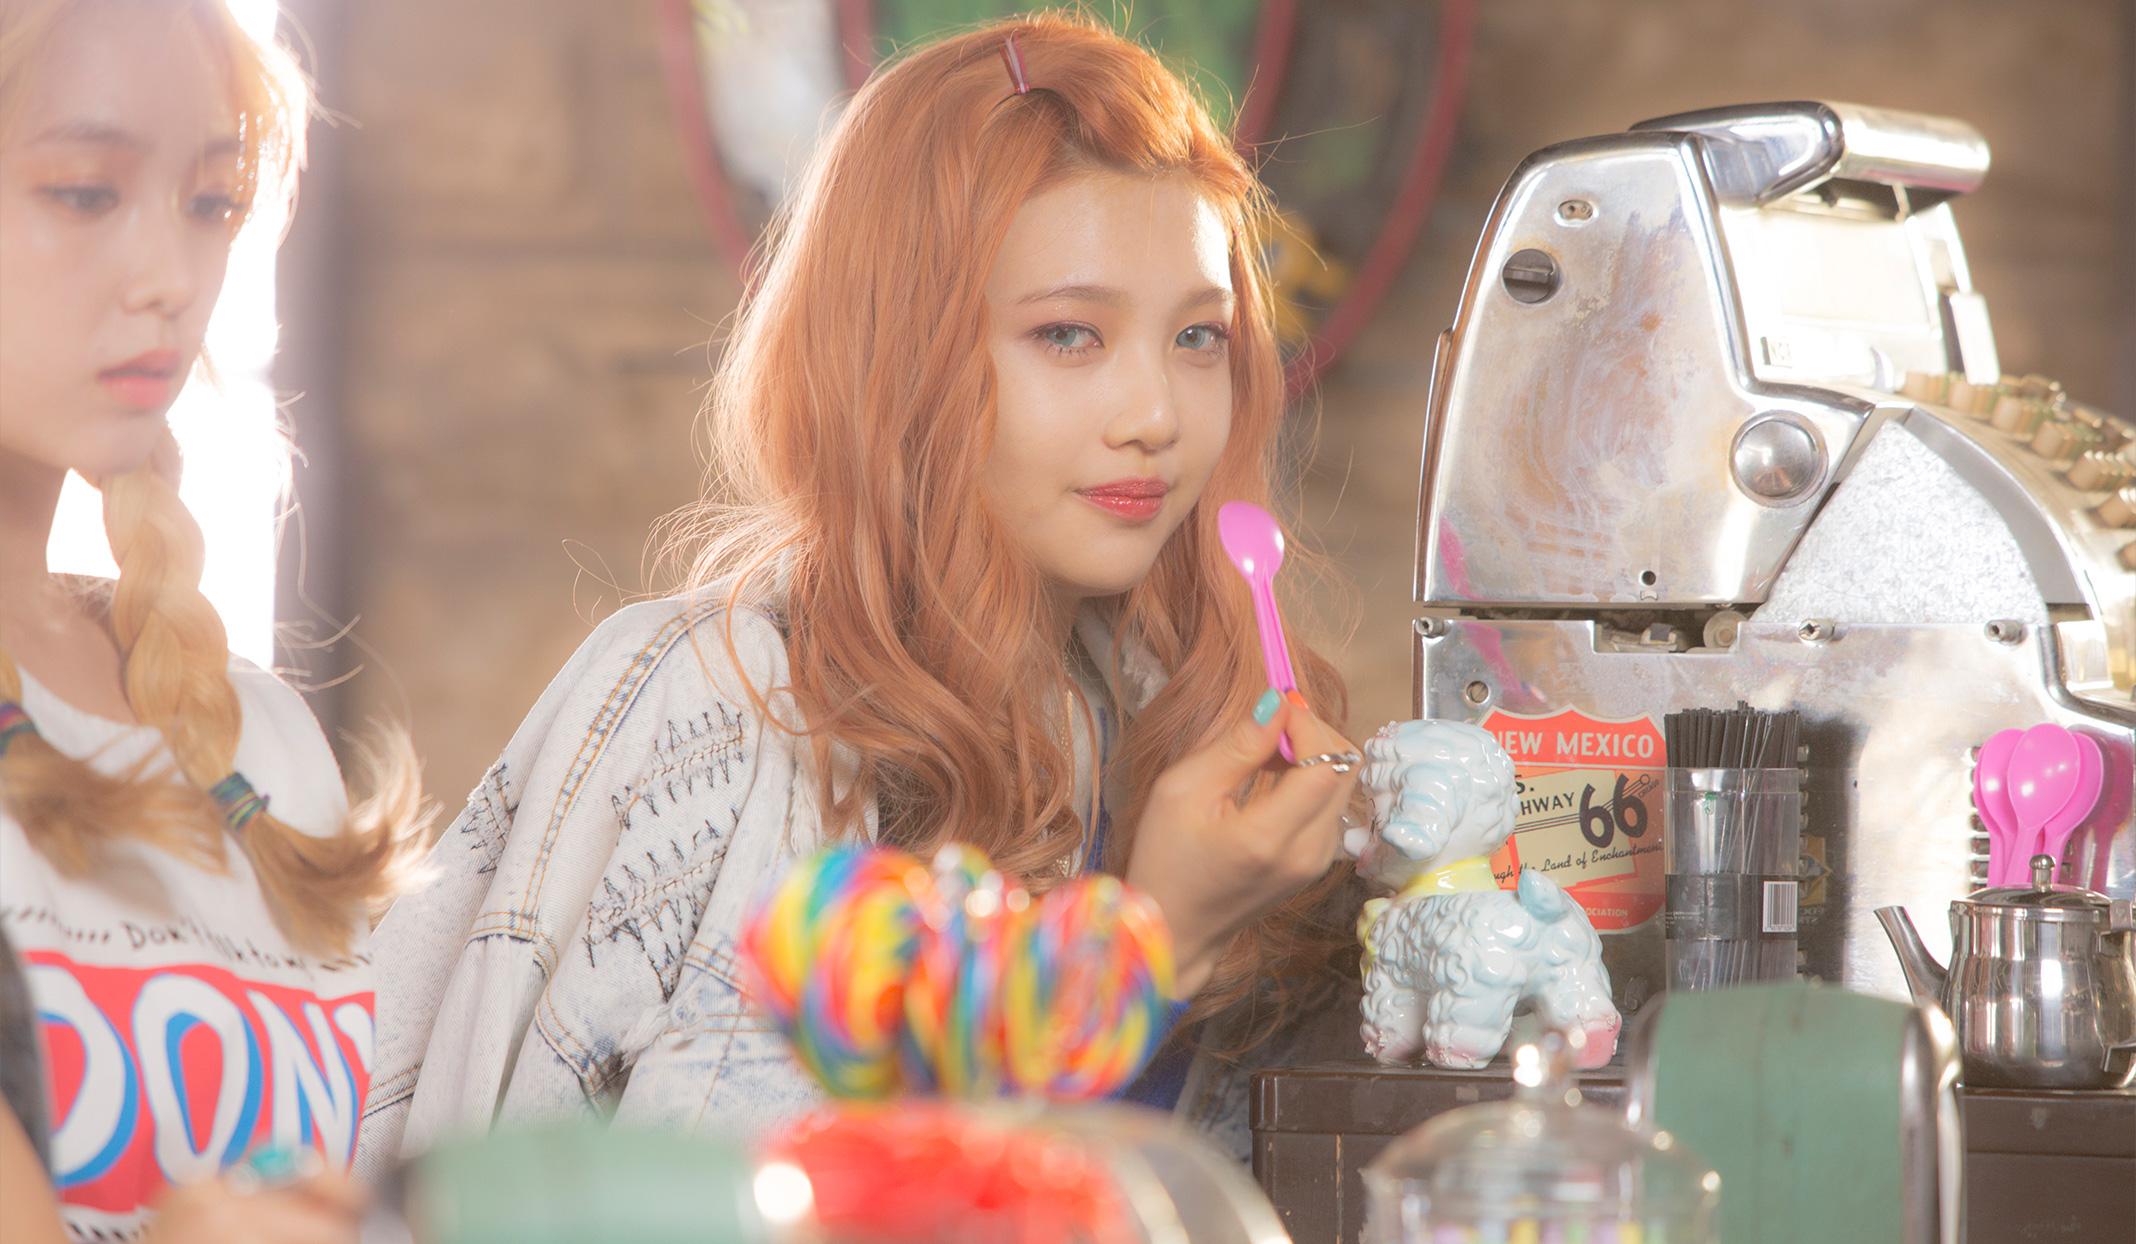 Ice Cream Cake Teaser Pictures : Re: [RVVT] Ice Cream Cake MV teaser - memento? - Disp BBS